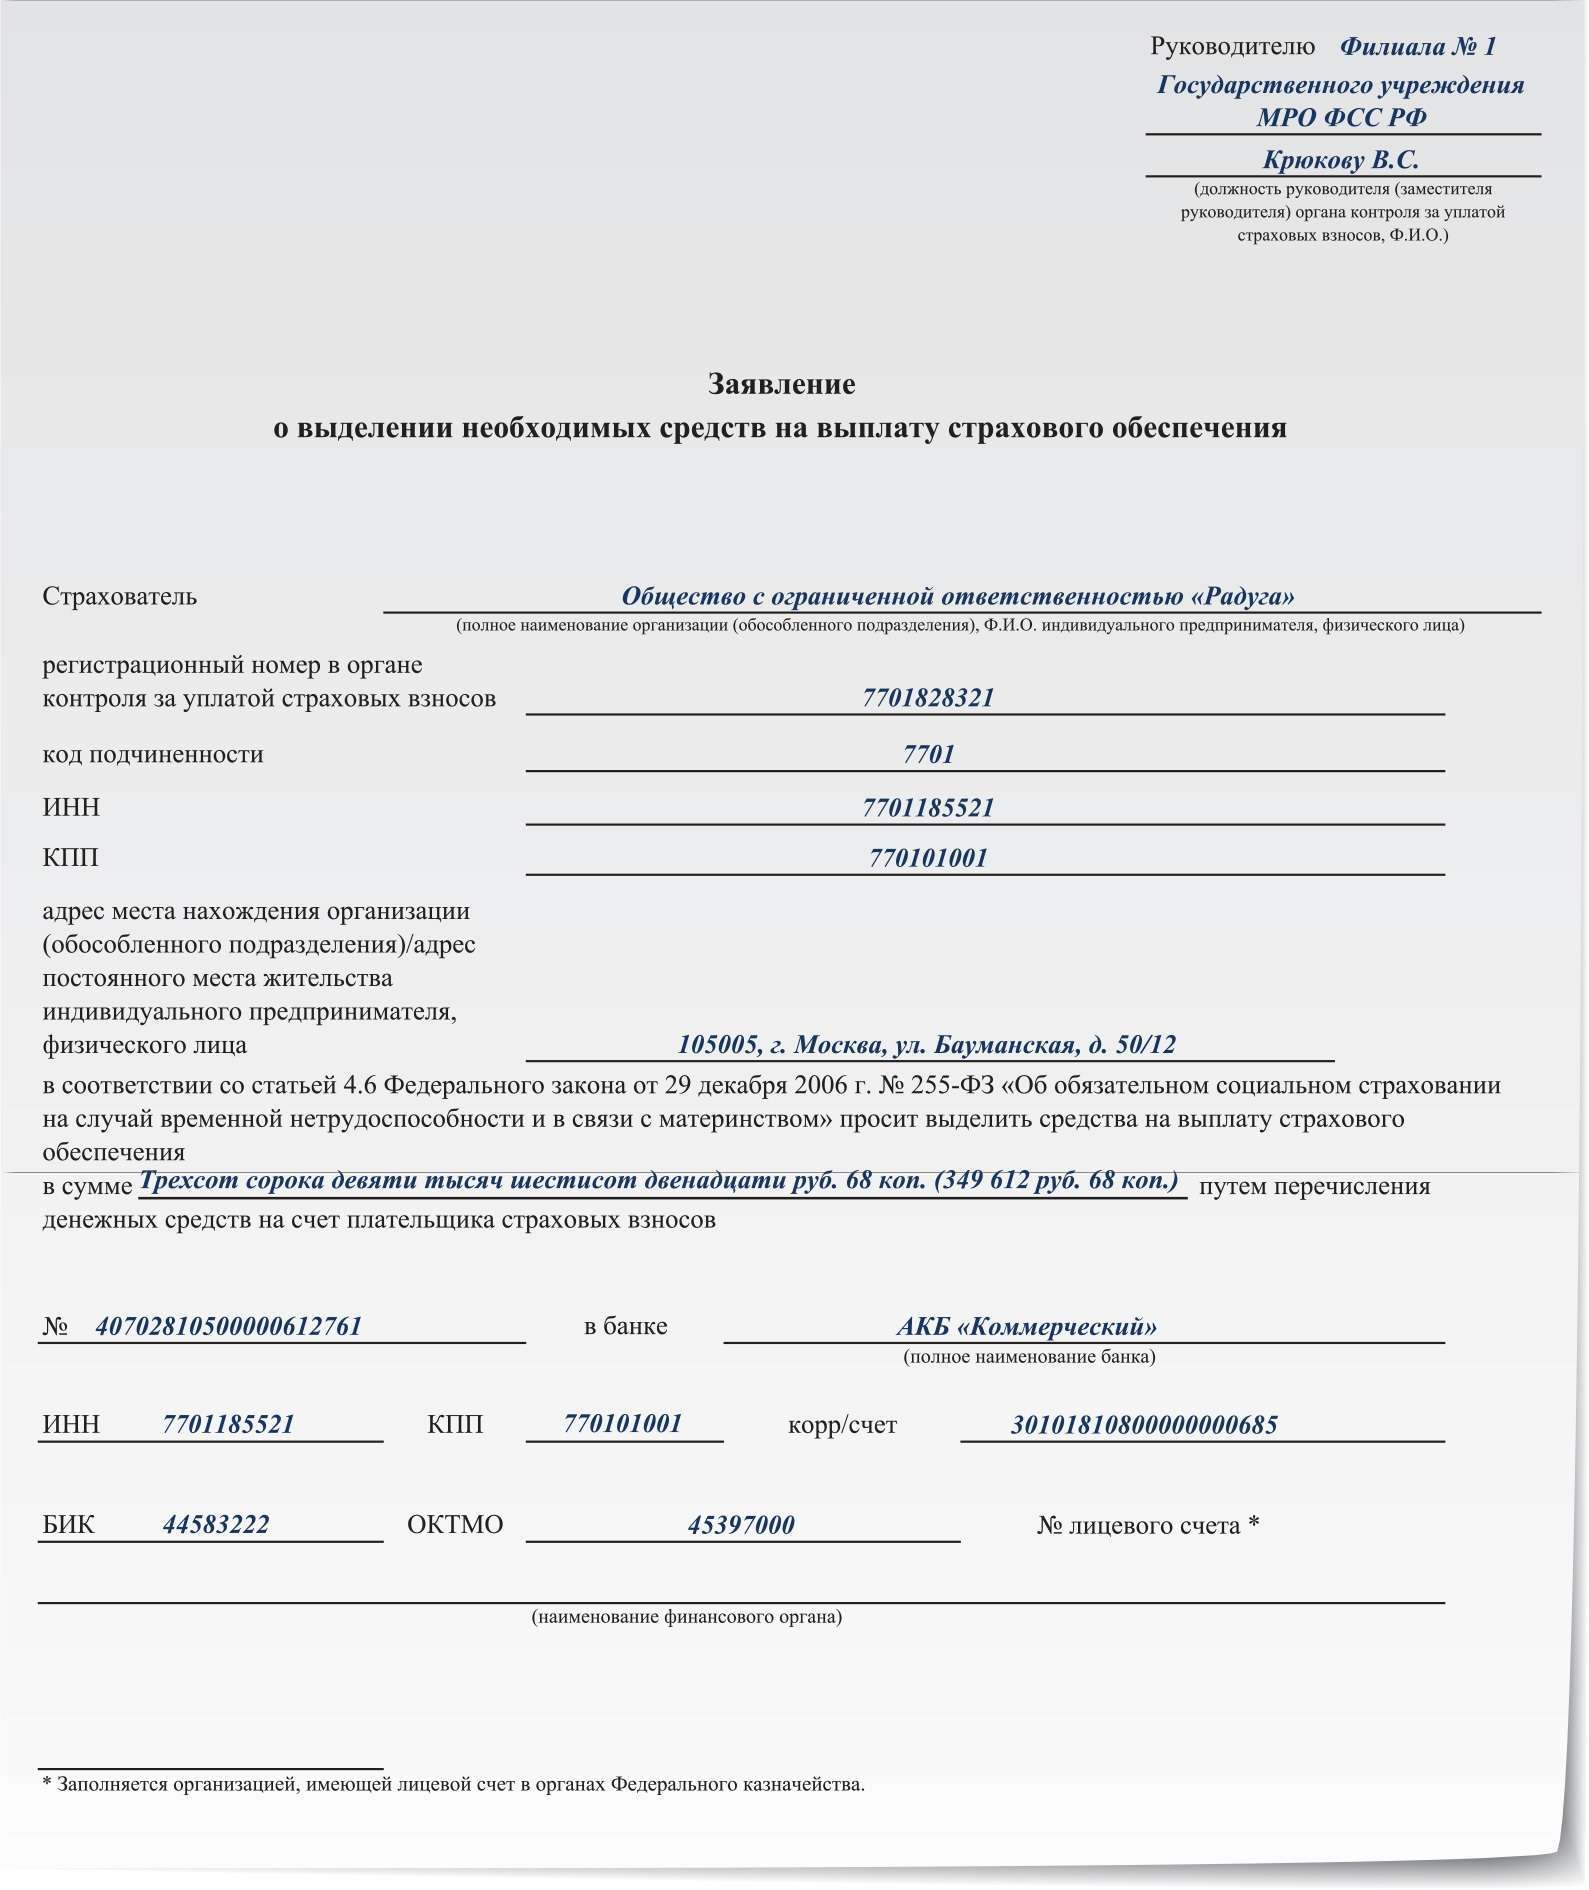 Бланк заявление о выплате страхового обеспечения фсс приложение №4